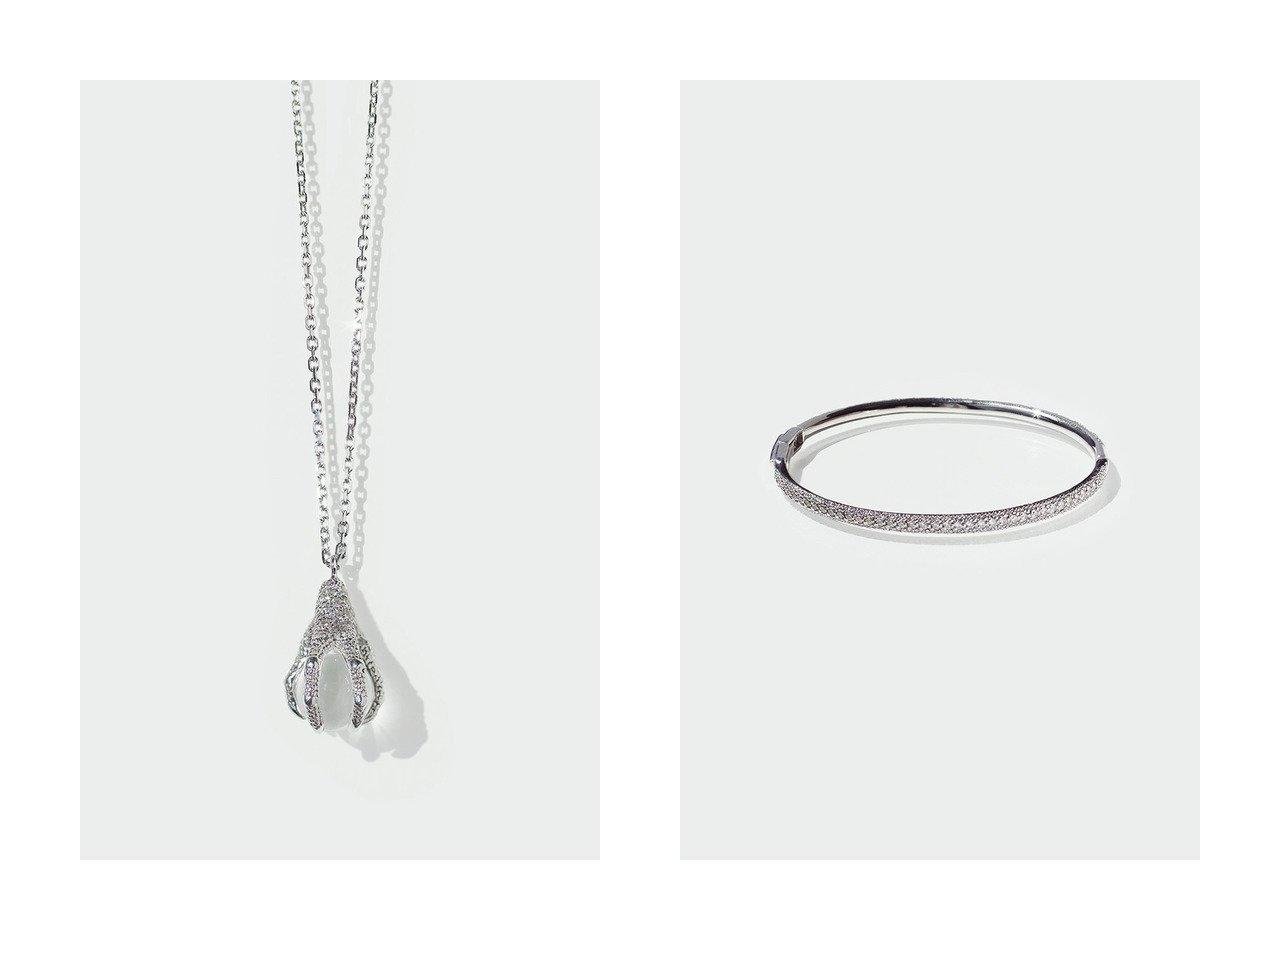 【AYAMI jewelry/アヤミ ジュエリー】のAvec Dinosaur ネックレス&Pave Straight バングル 【アクセサリー・ジュエリー】おすすめ!人気、トレンド・レディースファッションの通販 おすすめで人気の流行・トレンド、ファッションの通販商品 インテリア・家具・メンズファッション・キッズファッション・レディースファッション・服の通販 founy(ファニー) https://founy.com/ ファッション Fashion レディースファッション WOMEN ジュエリー Jewelry ブレスレット Bracelets バングル Bangles ネックレス Necklaces シンプル バングル 再入荷 Restock/Back in Stock/Re Arrival 時計 コレクション ネックレス フォルム  ID:crp329100000072205